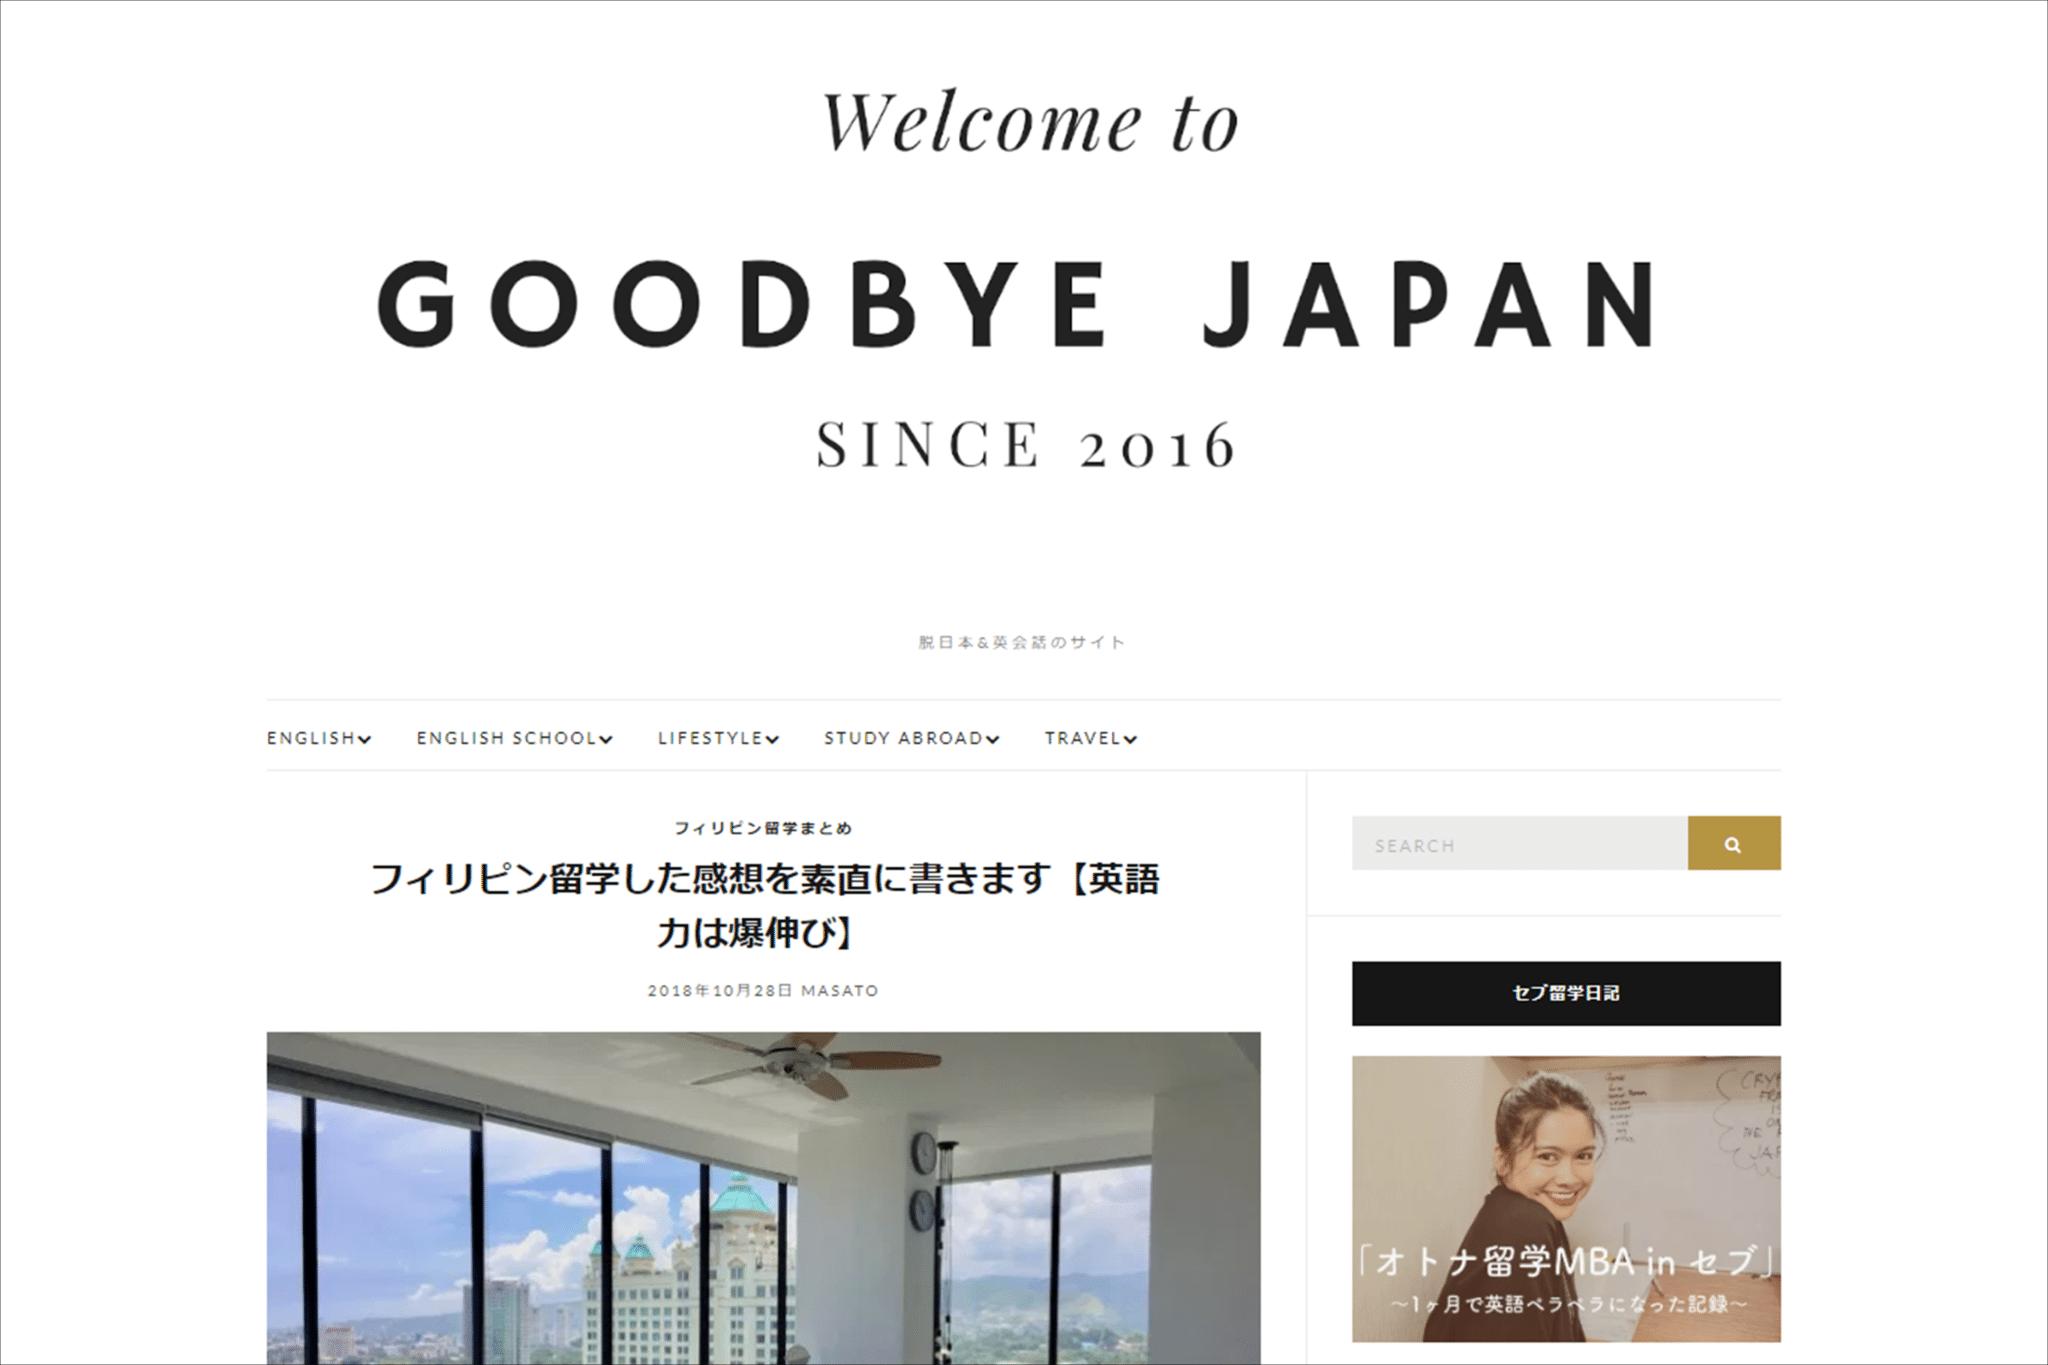 セブ島留学 体験談ブログ⑥:GOOGBYE JAPAN